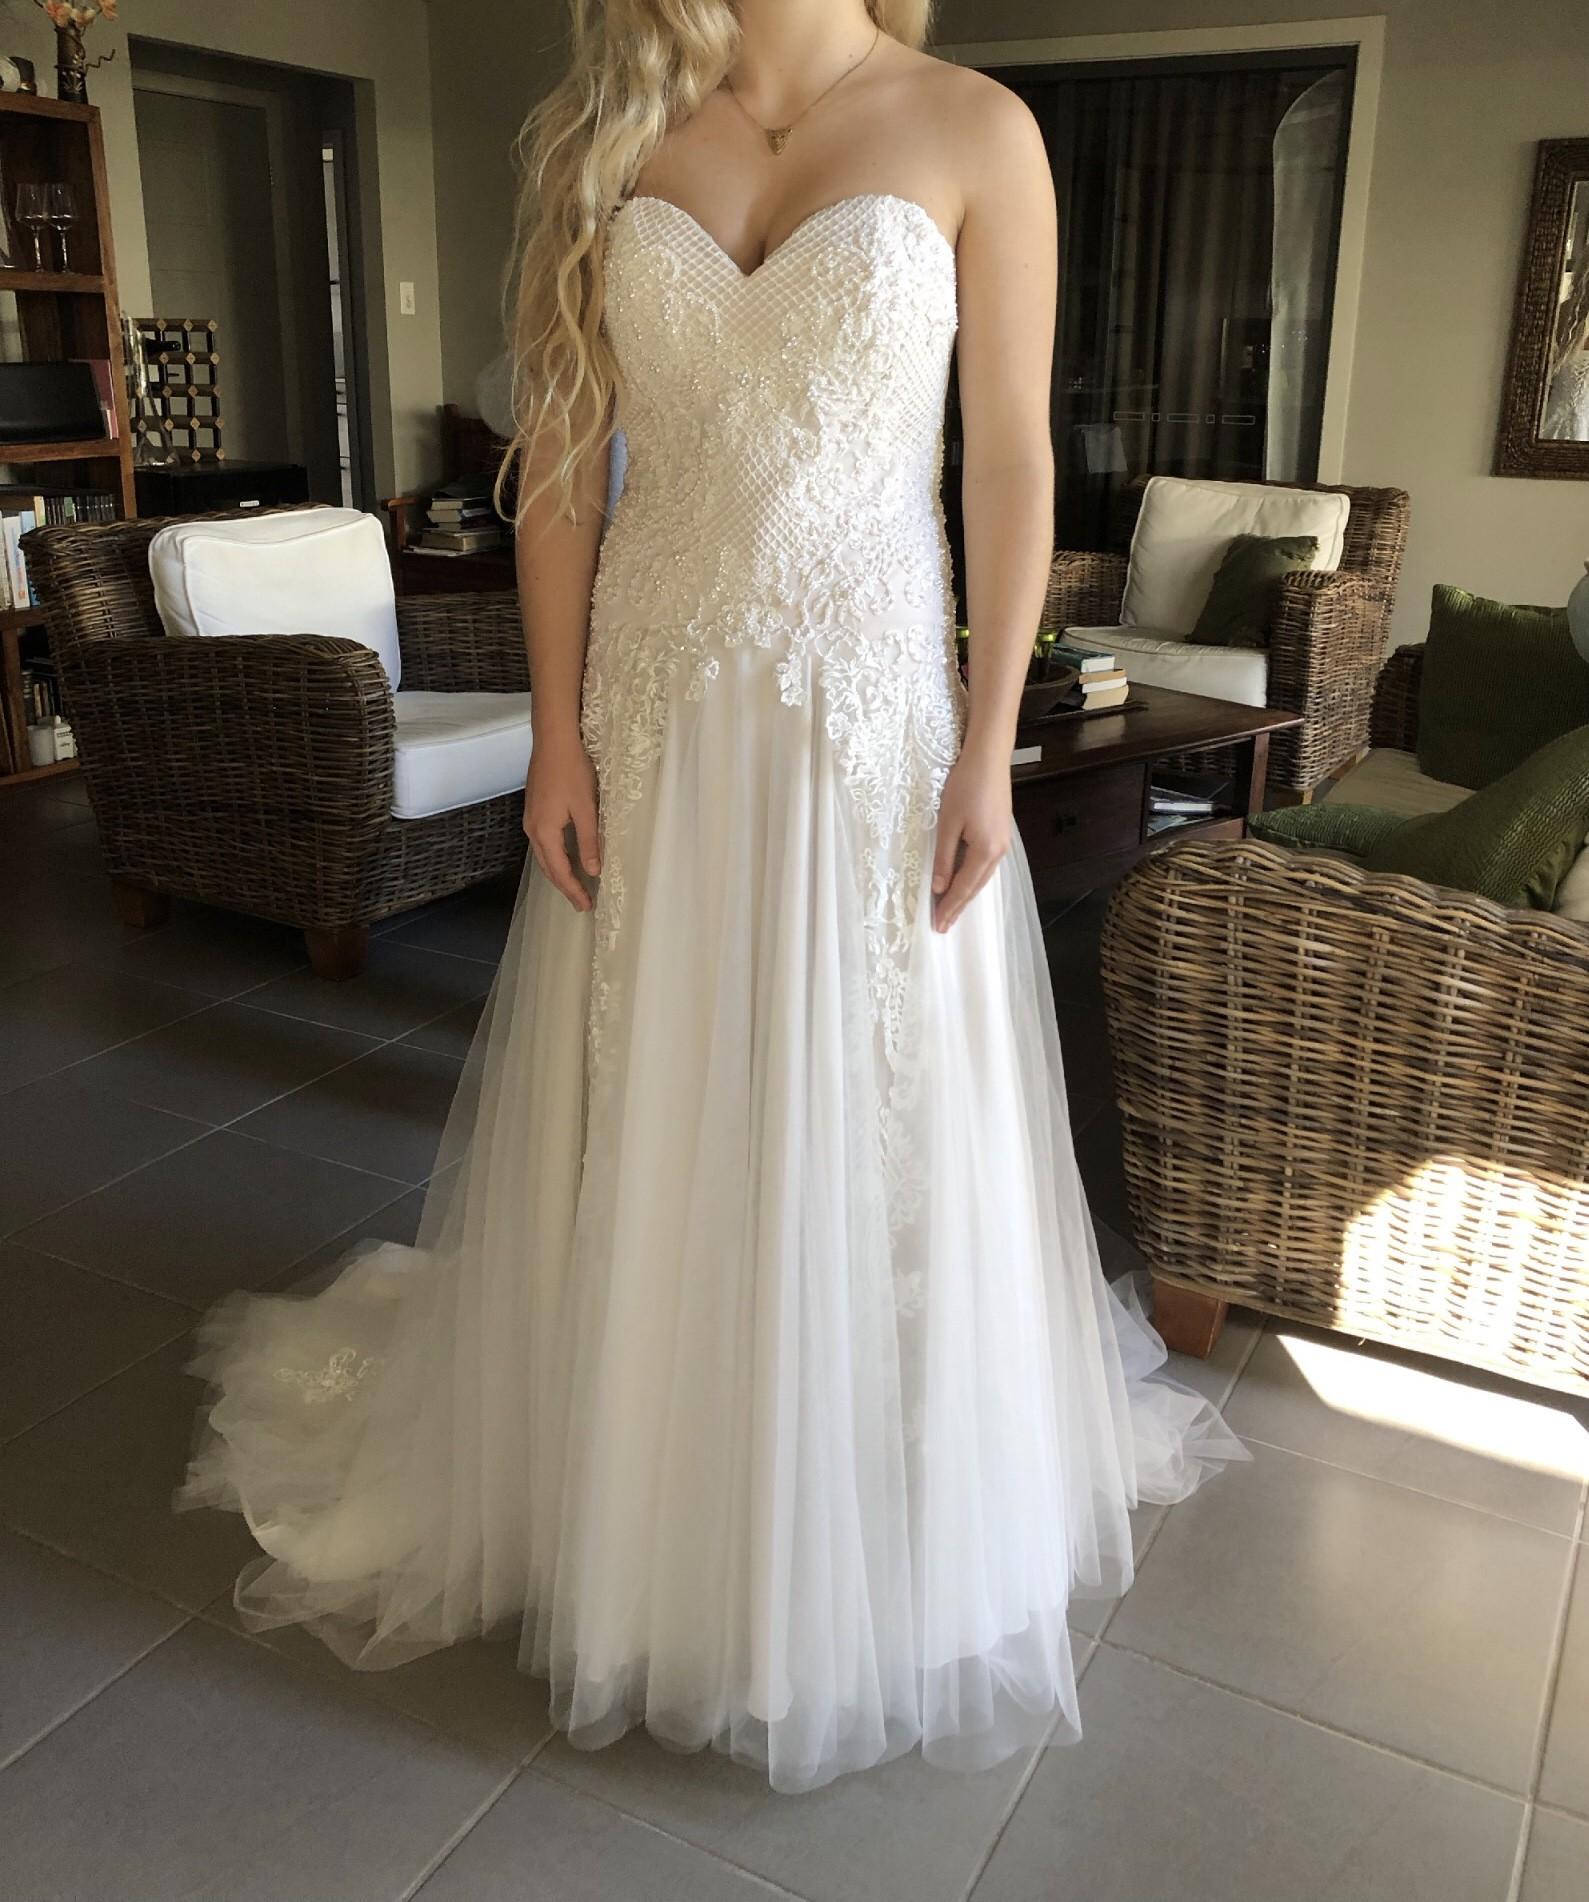 Wedding Dresses Queensland: Brides Desire Martinez New Wedding Dress On Sale 71% Off